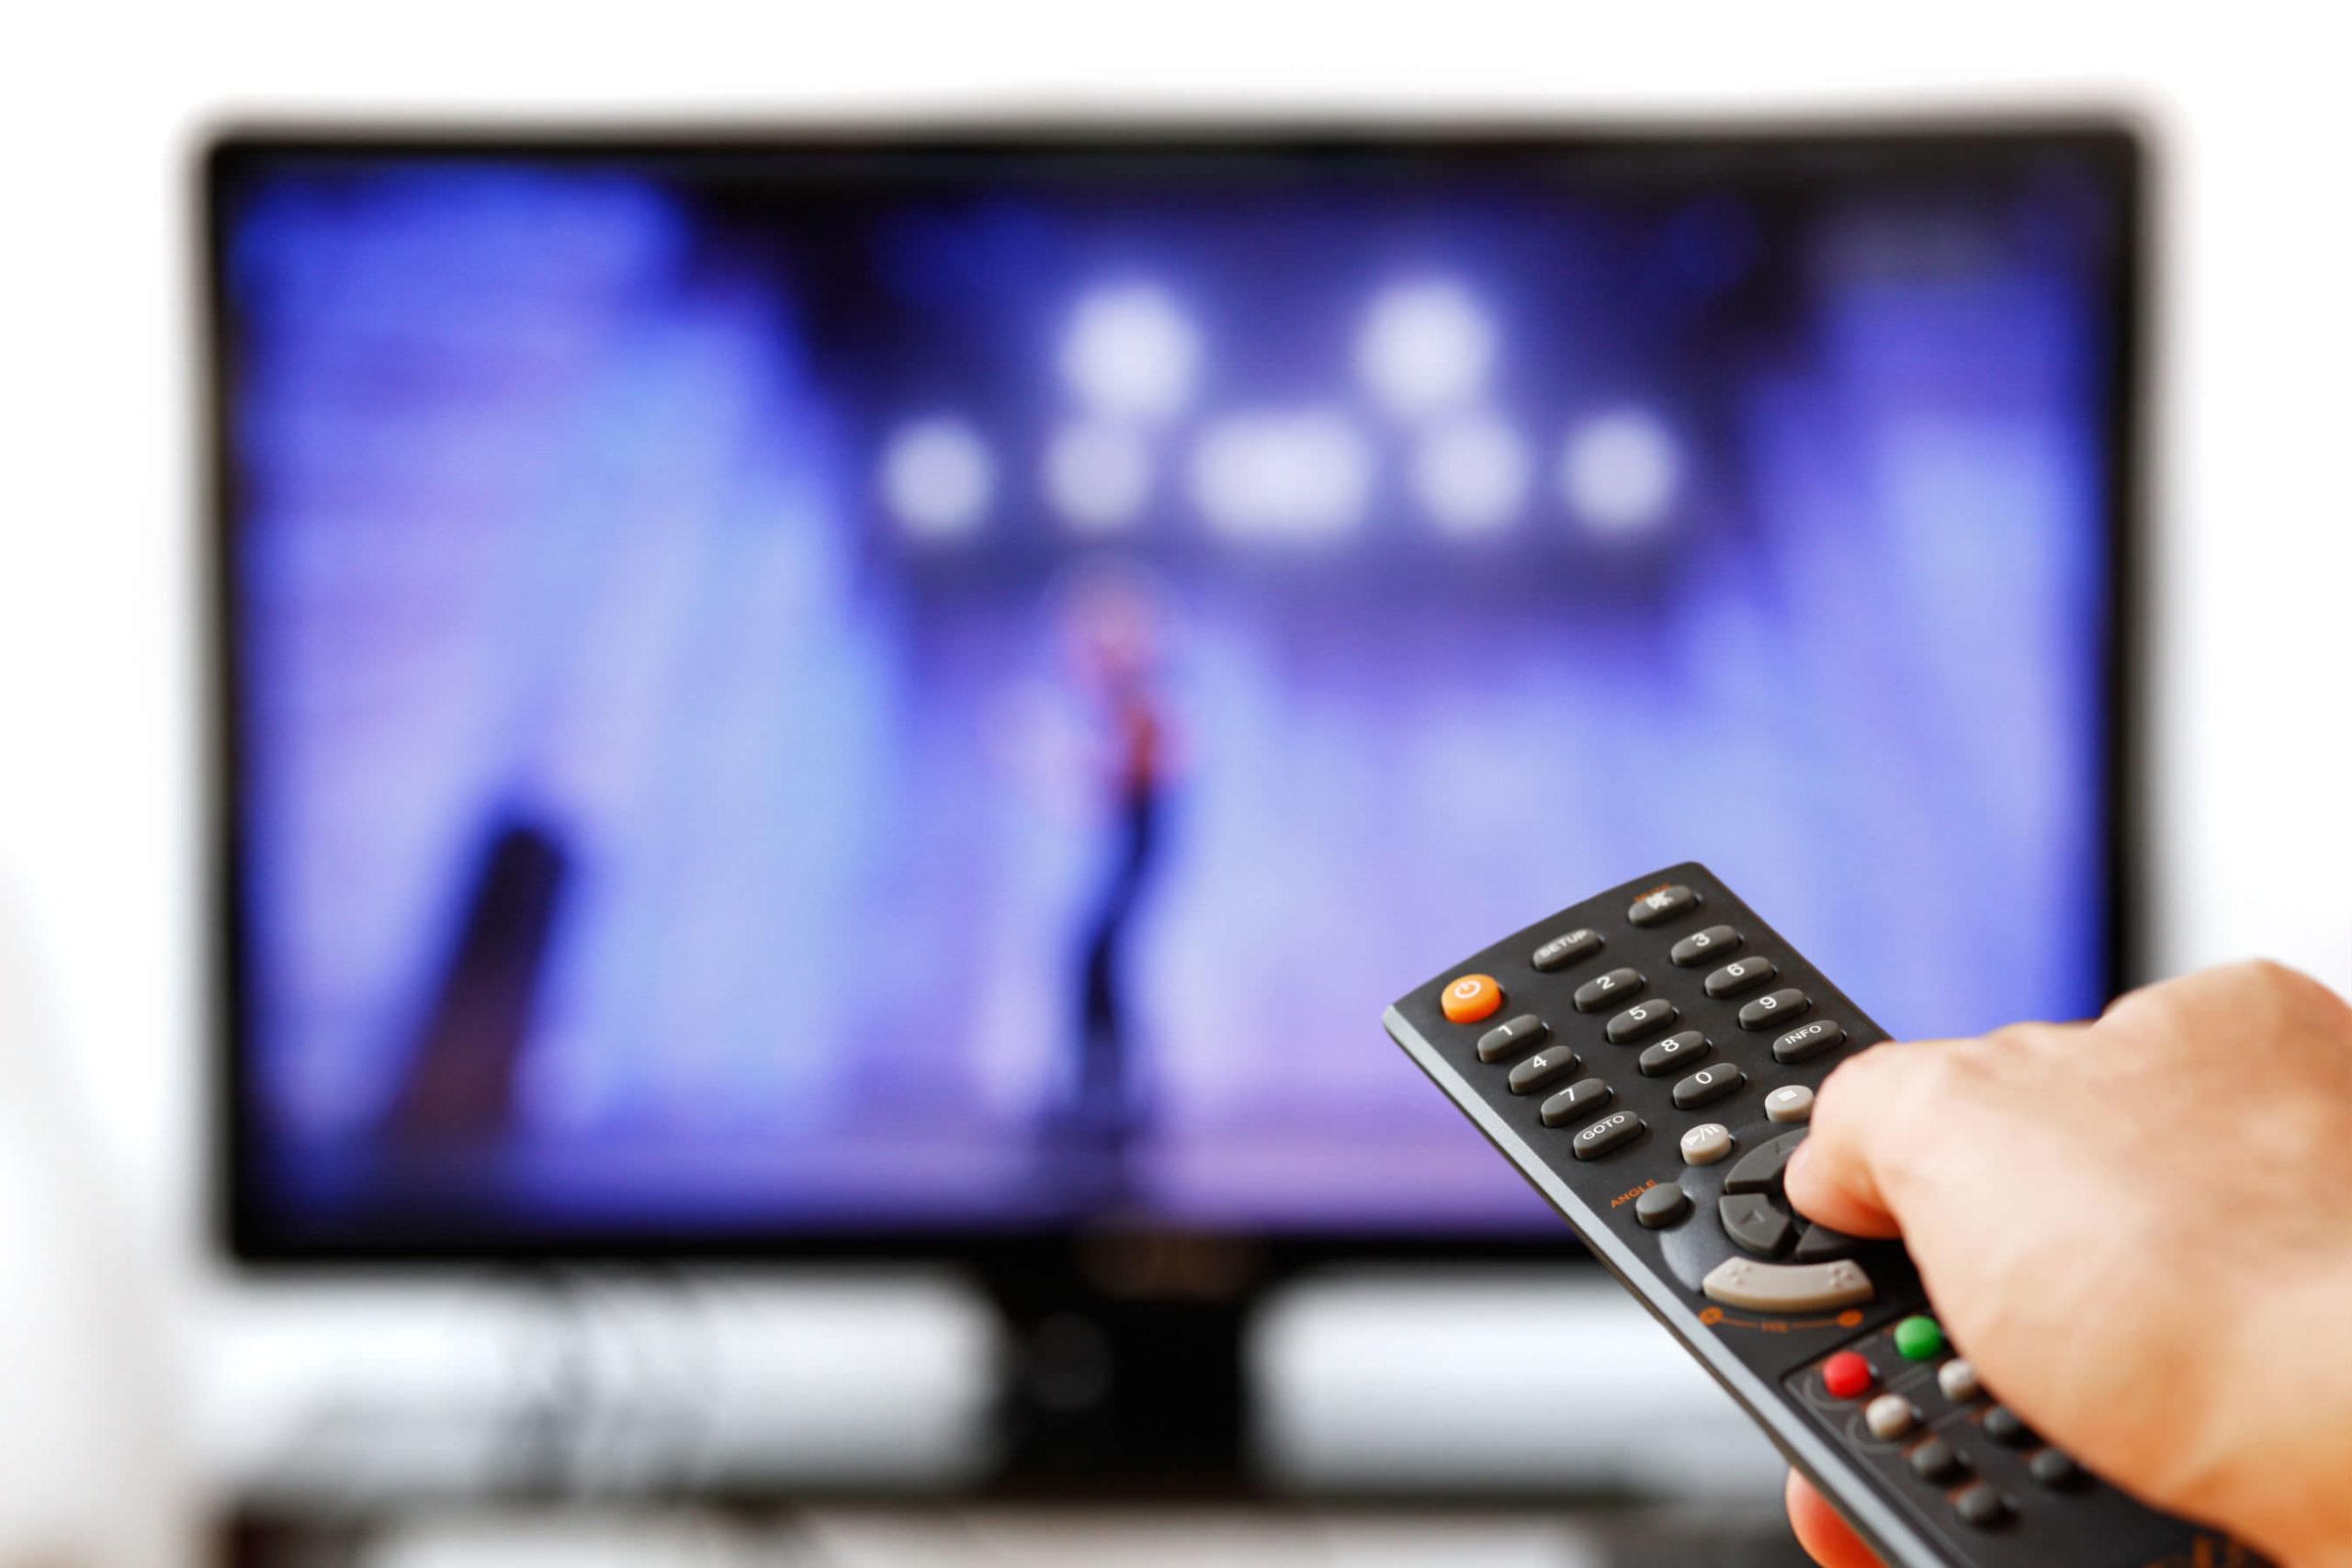 Жители Тверской области увидят трансляцию из Тверского театра драмы по телевизору